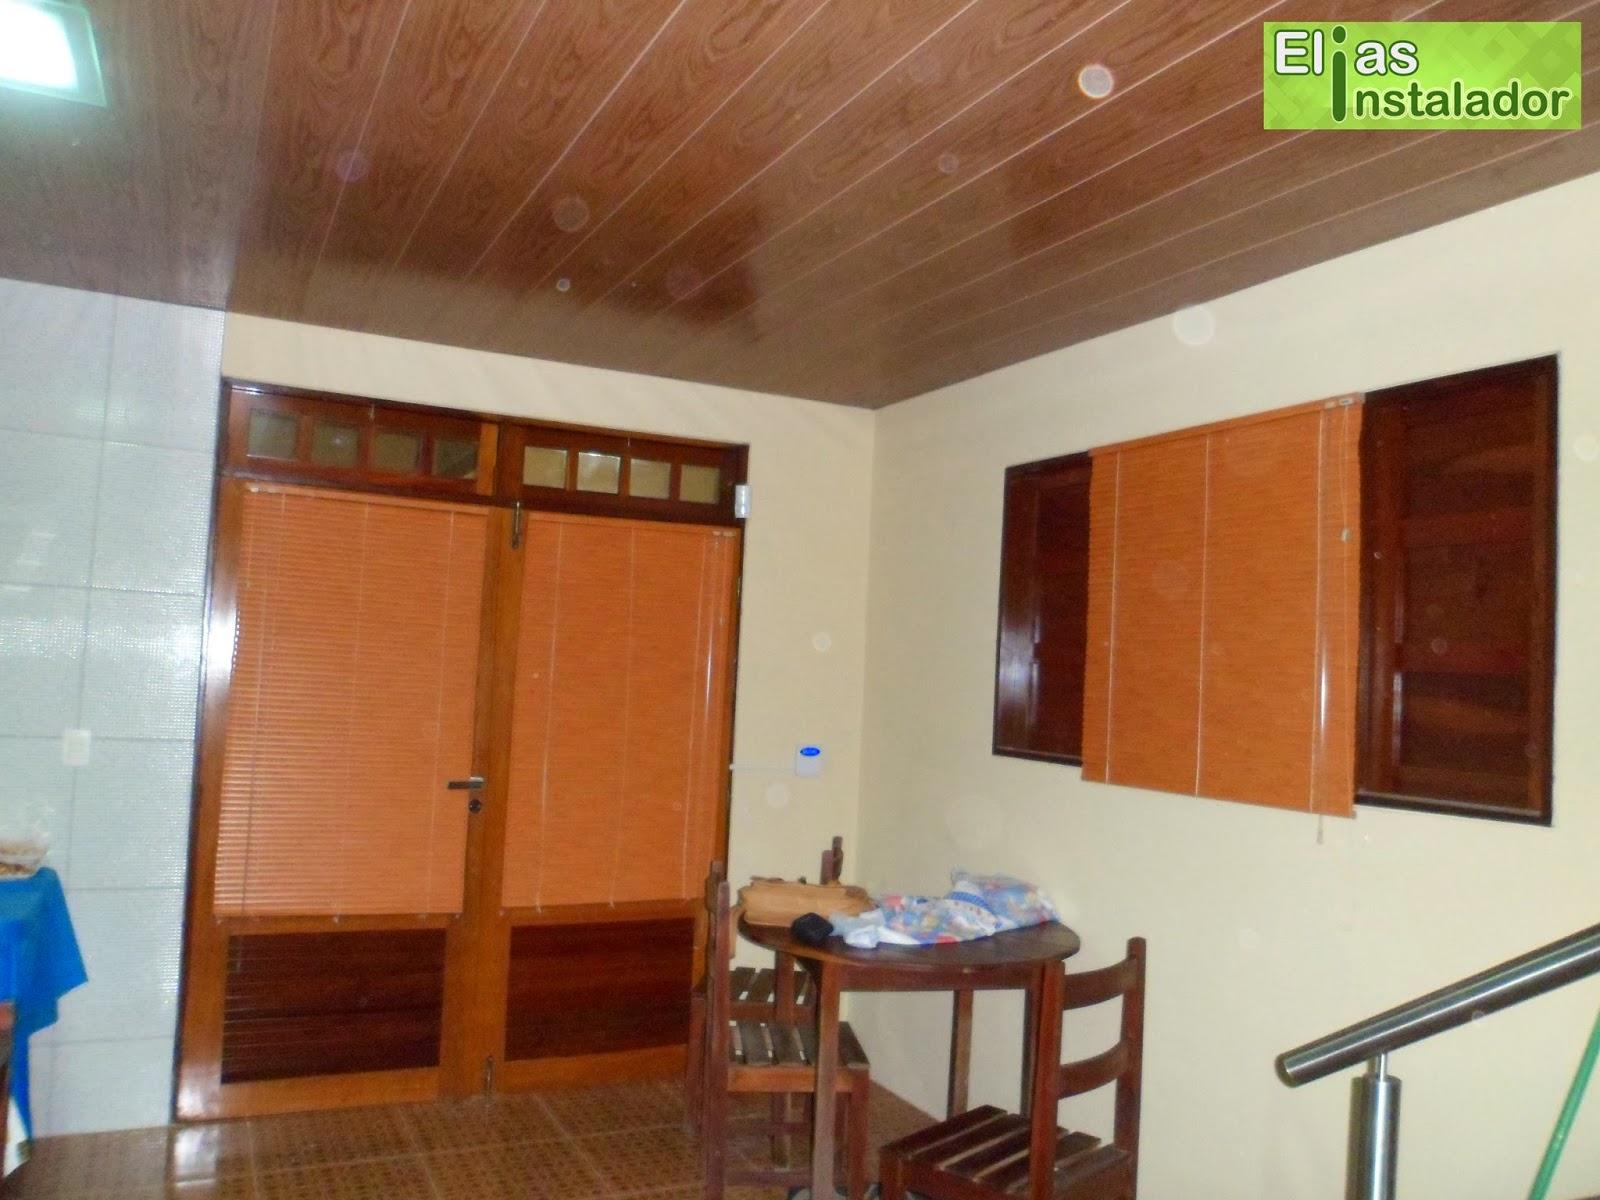 #461C10 Elias Instalador: Persiana horizontal cor madeira em porta e janela 606 Janelas Em Pvc Cor Madeira